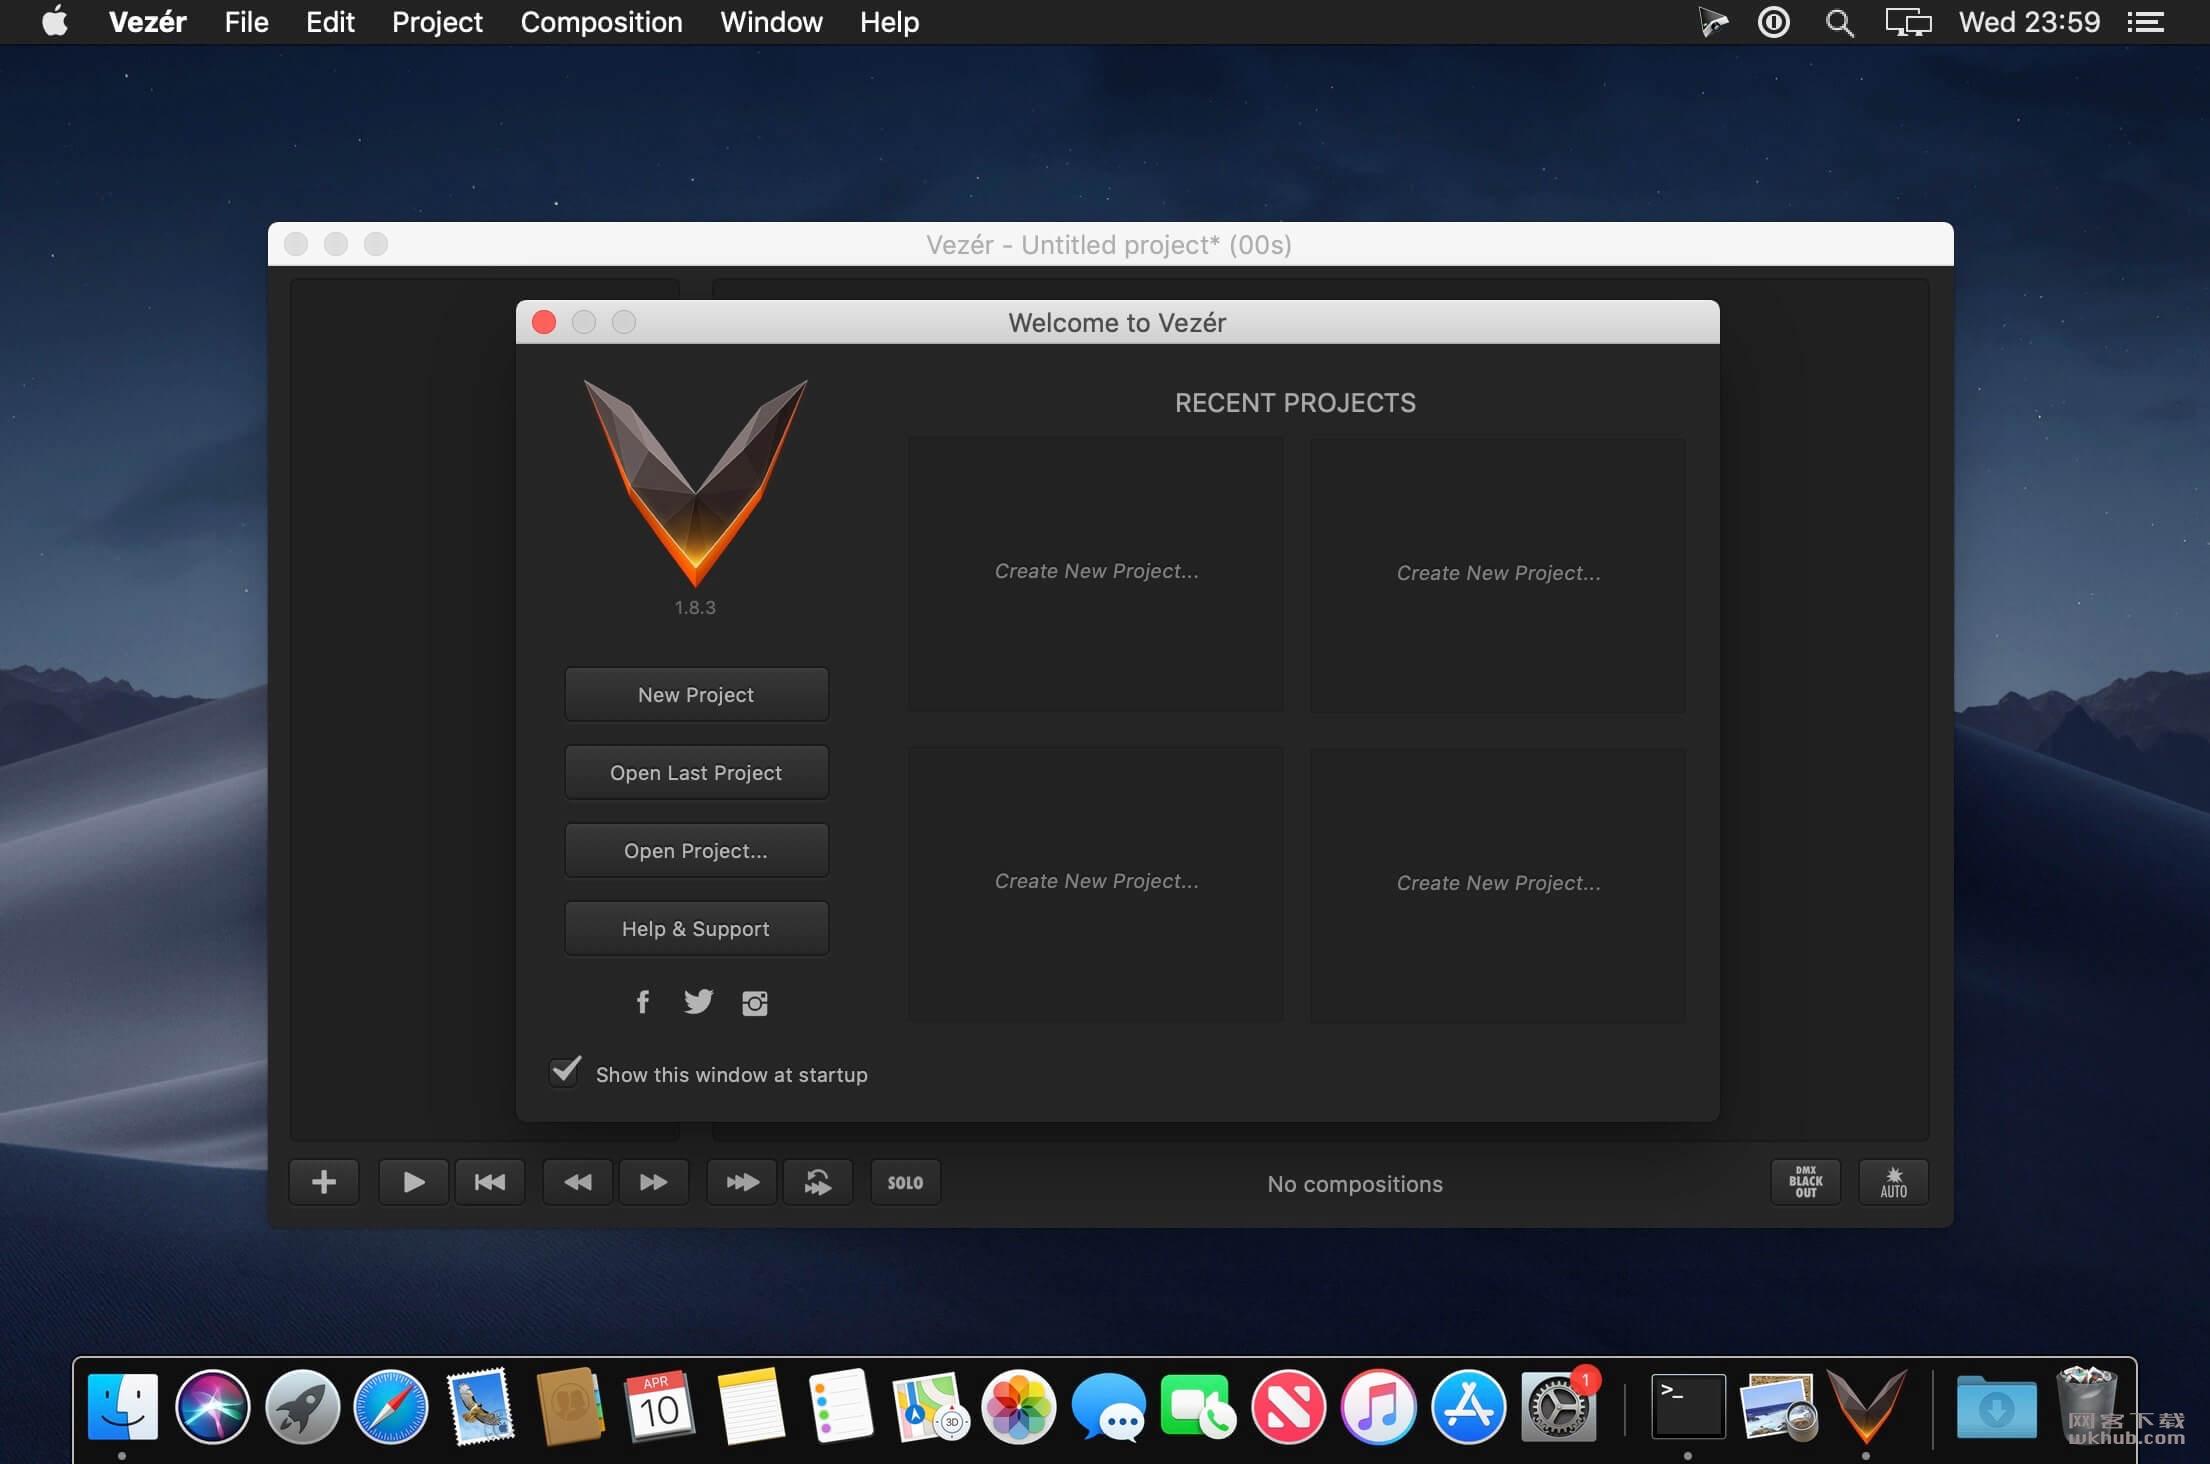 Vezér 1.8.3 基于时间轴的MIDI/OSC/DMX音序器